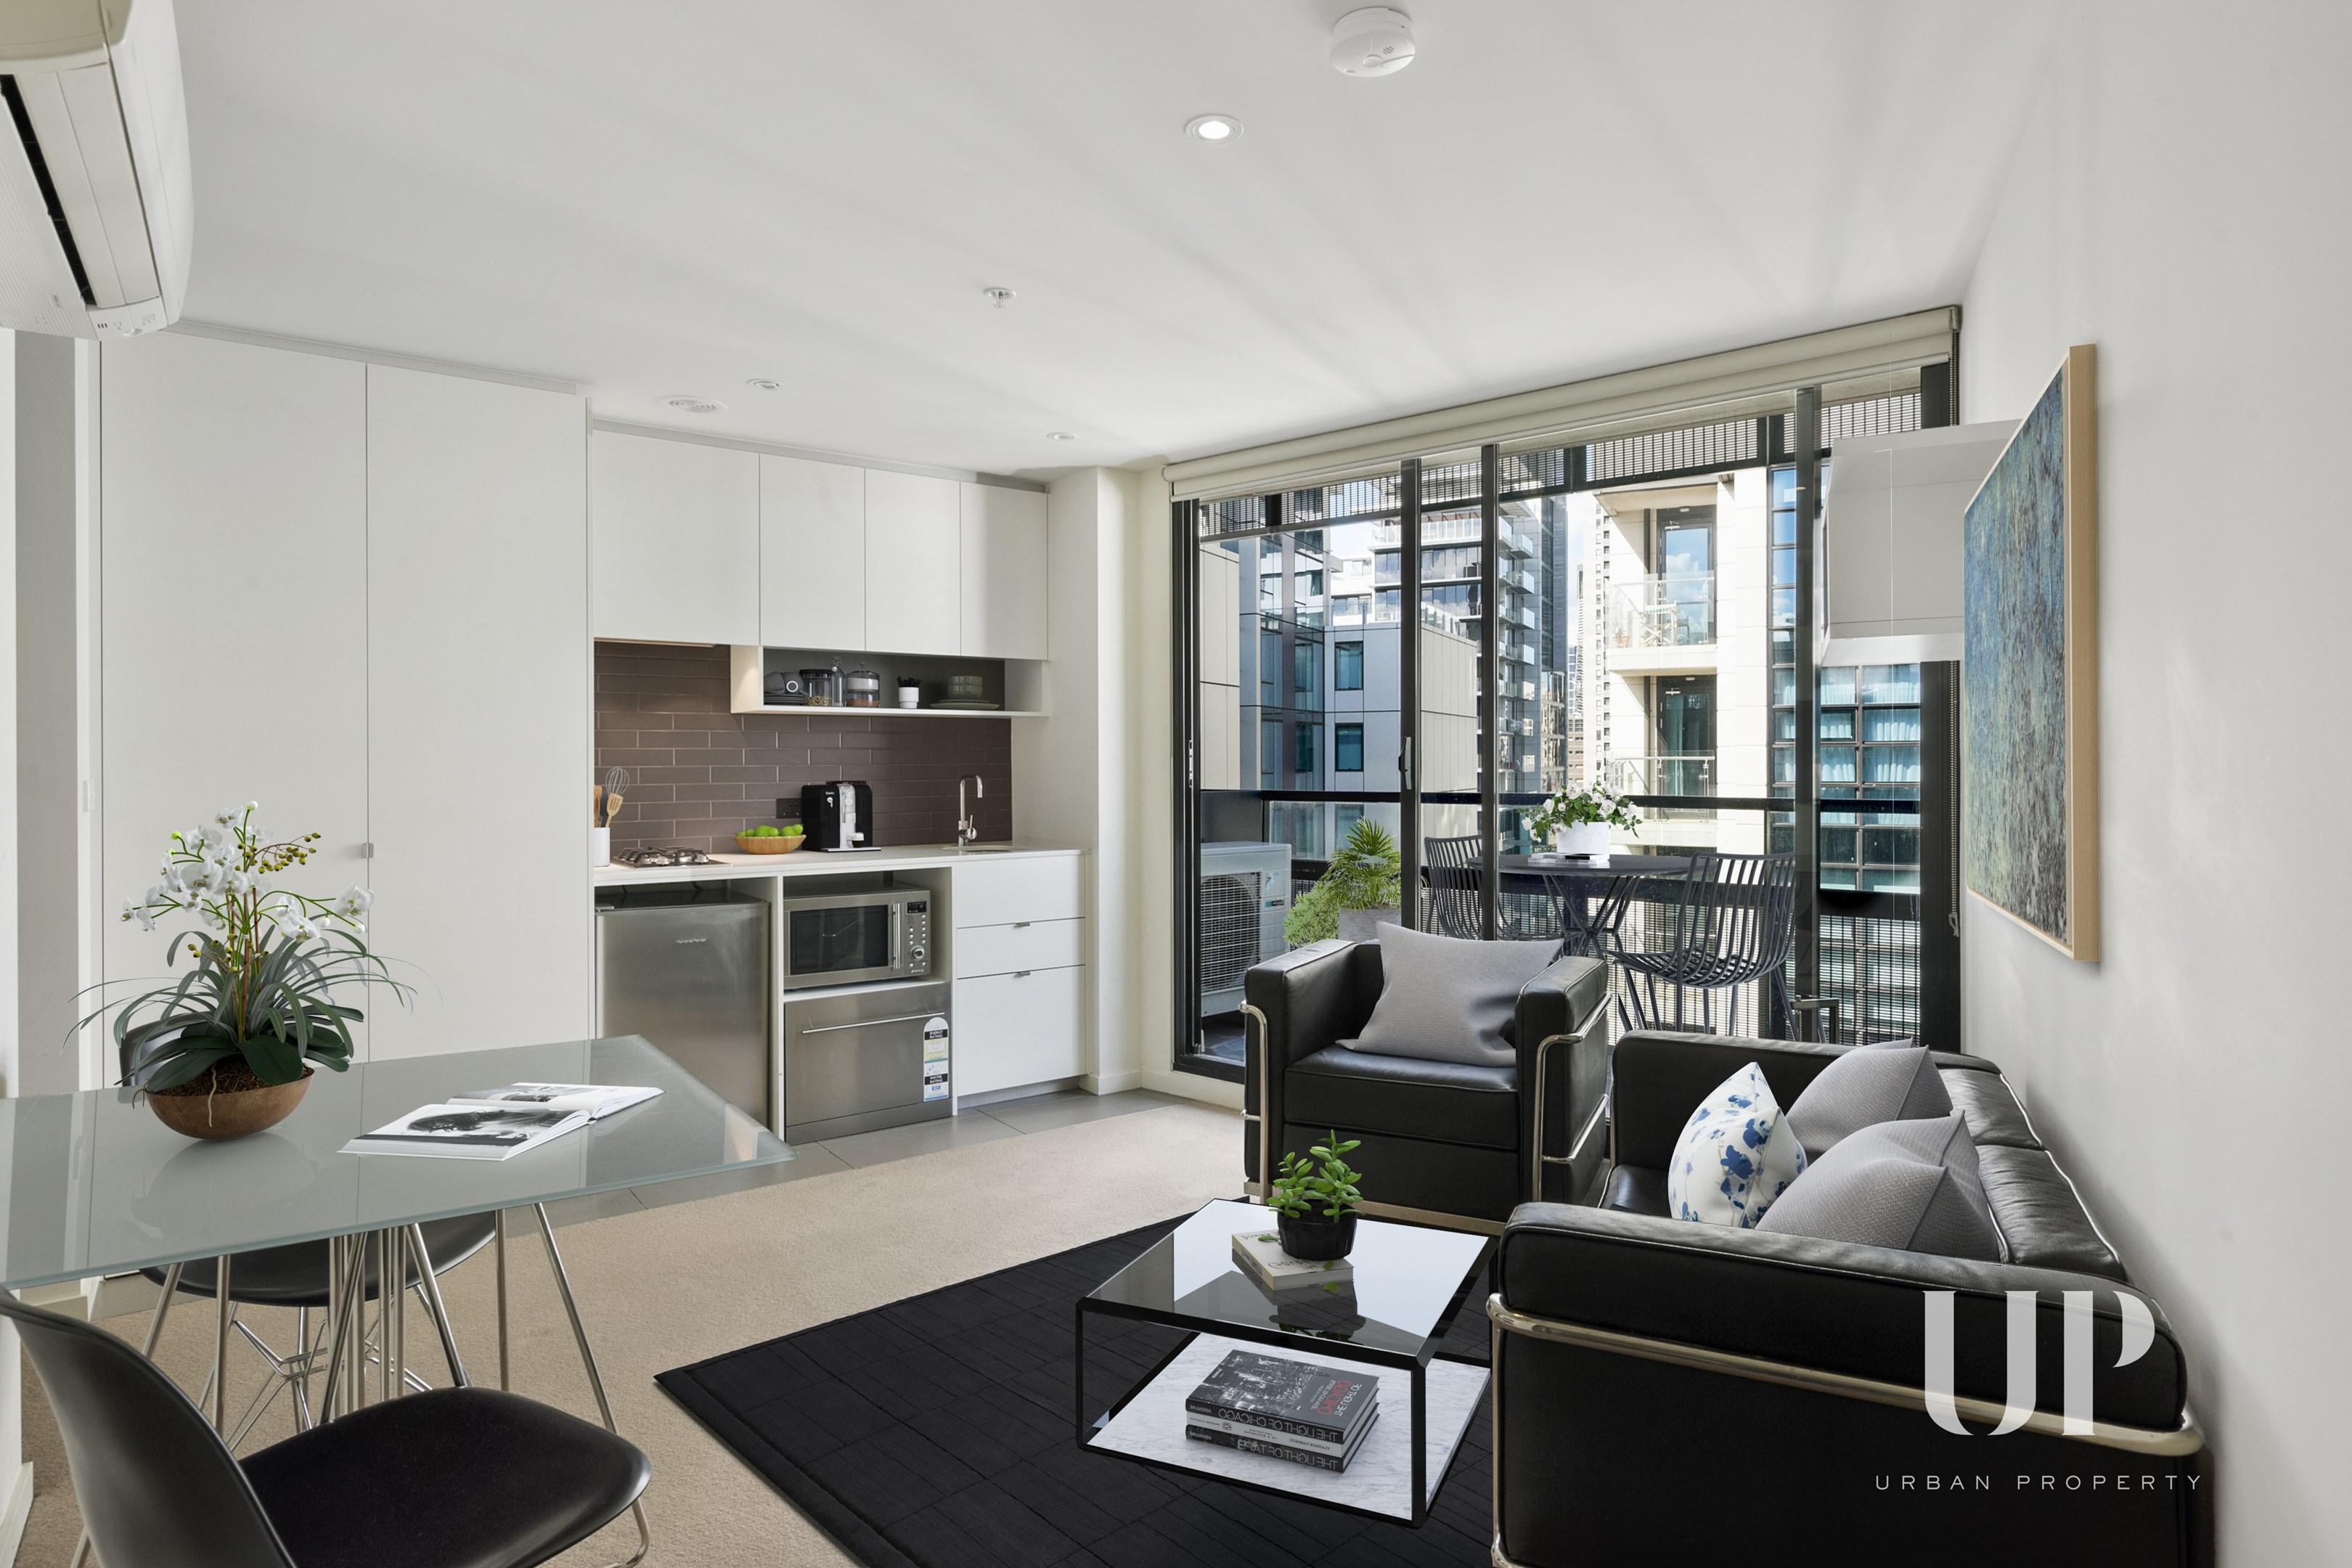 243 franklin street two bedroom melbourne vic 3000 - 2 bedroom apartments melbourne for rent ...